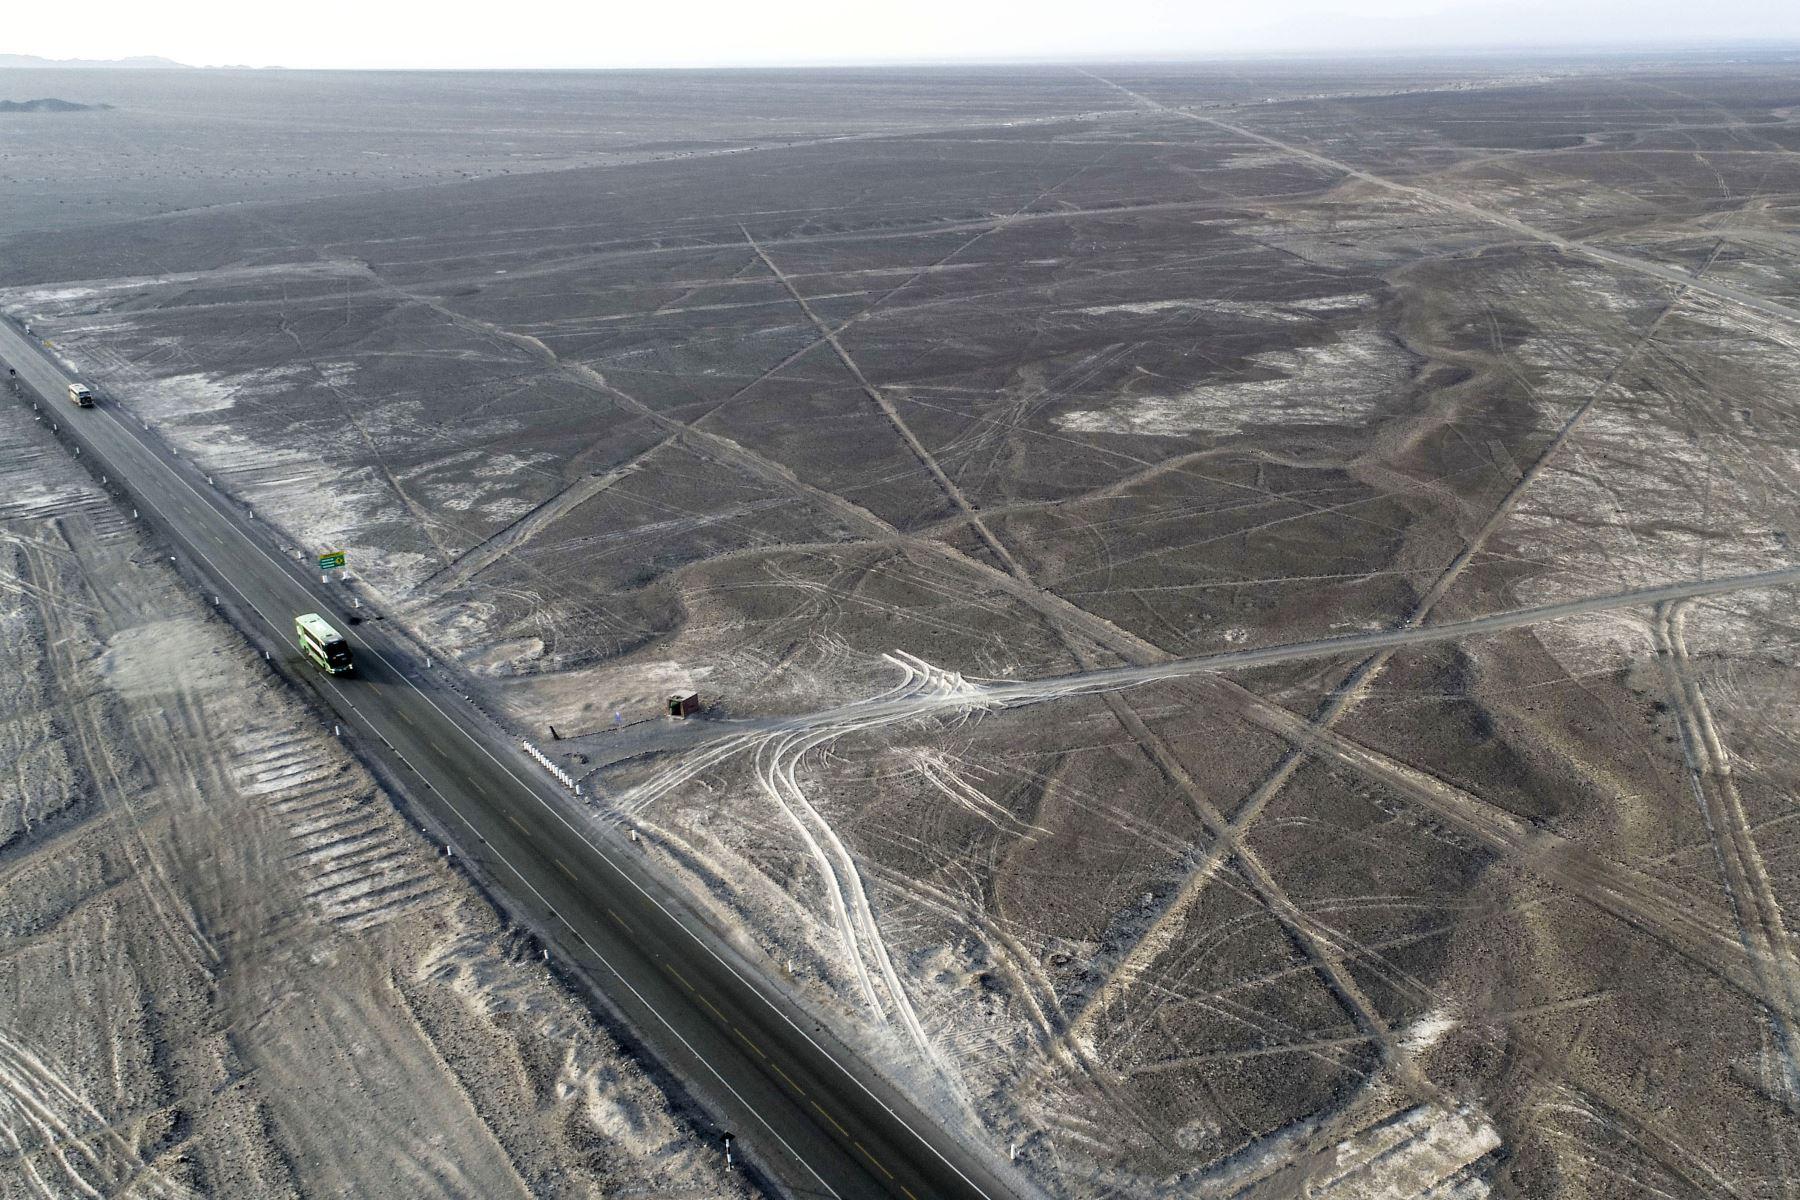 Indignación en Perú ante daños causados por camión en las líneas de Nasca. Foto: Cortesía.